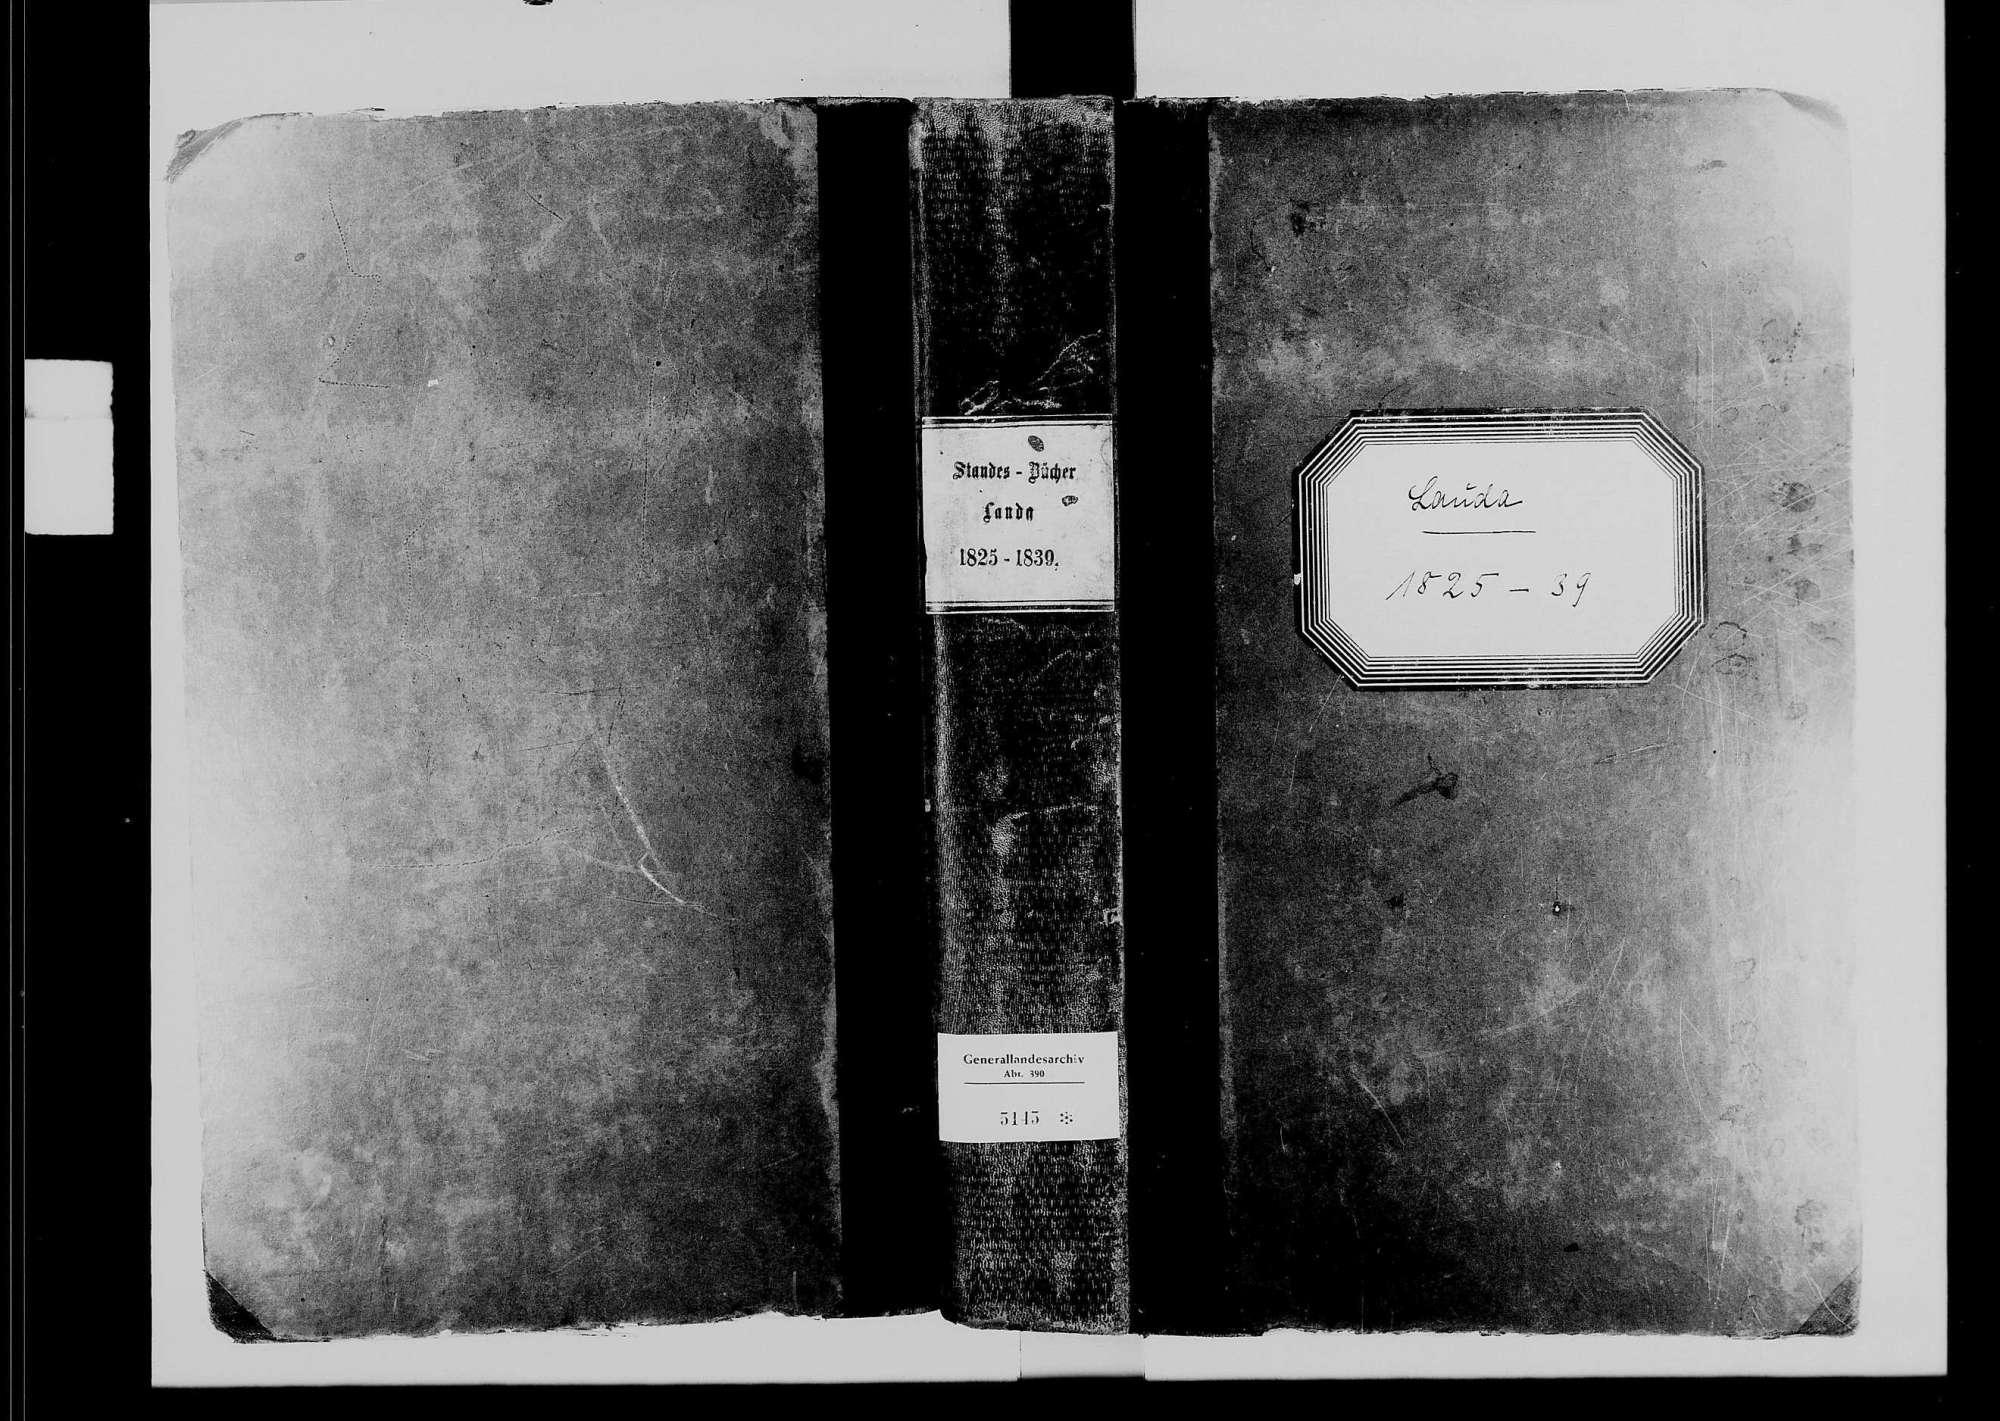 Lauda, katholische Gemeinde: Standesbuch 1825-1839, Bild 2